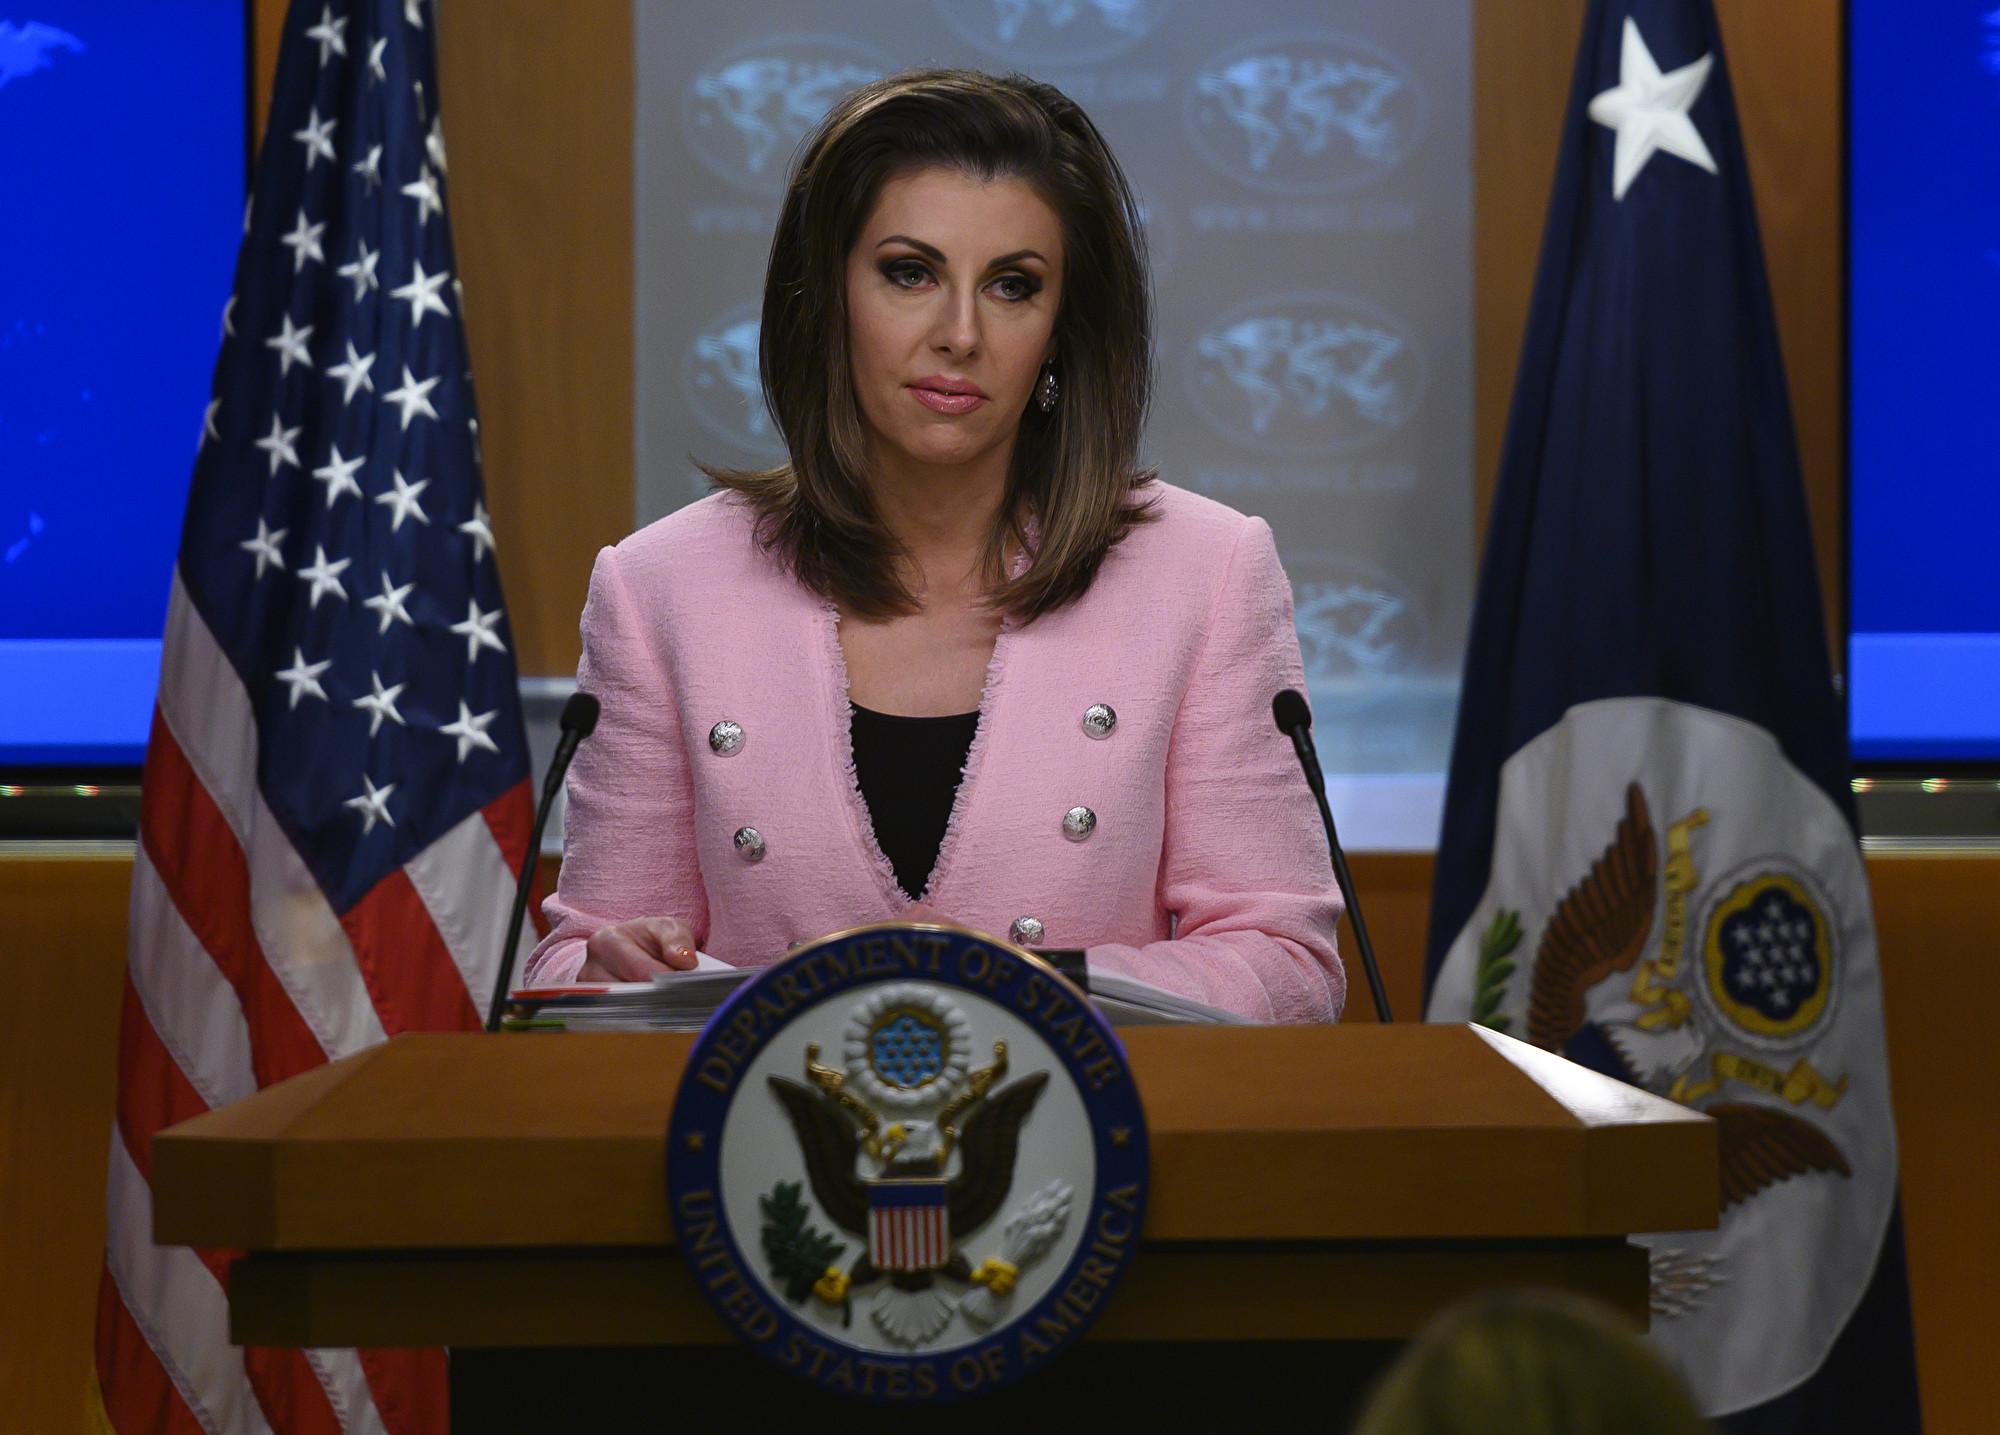 美國務院發言人:特朗普政府有能力對抗中共